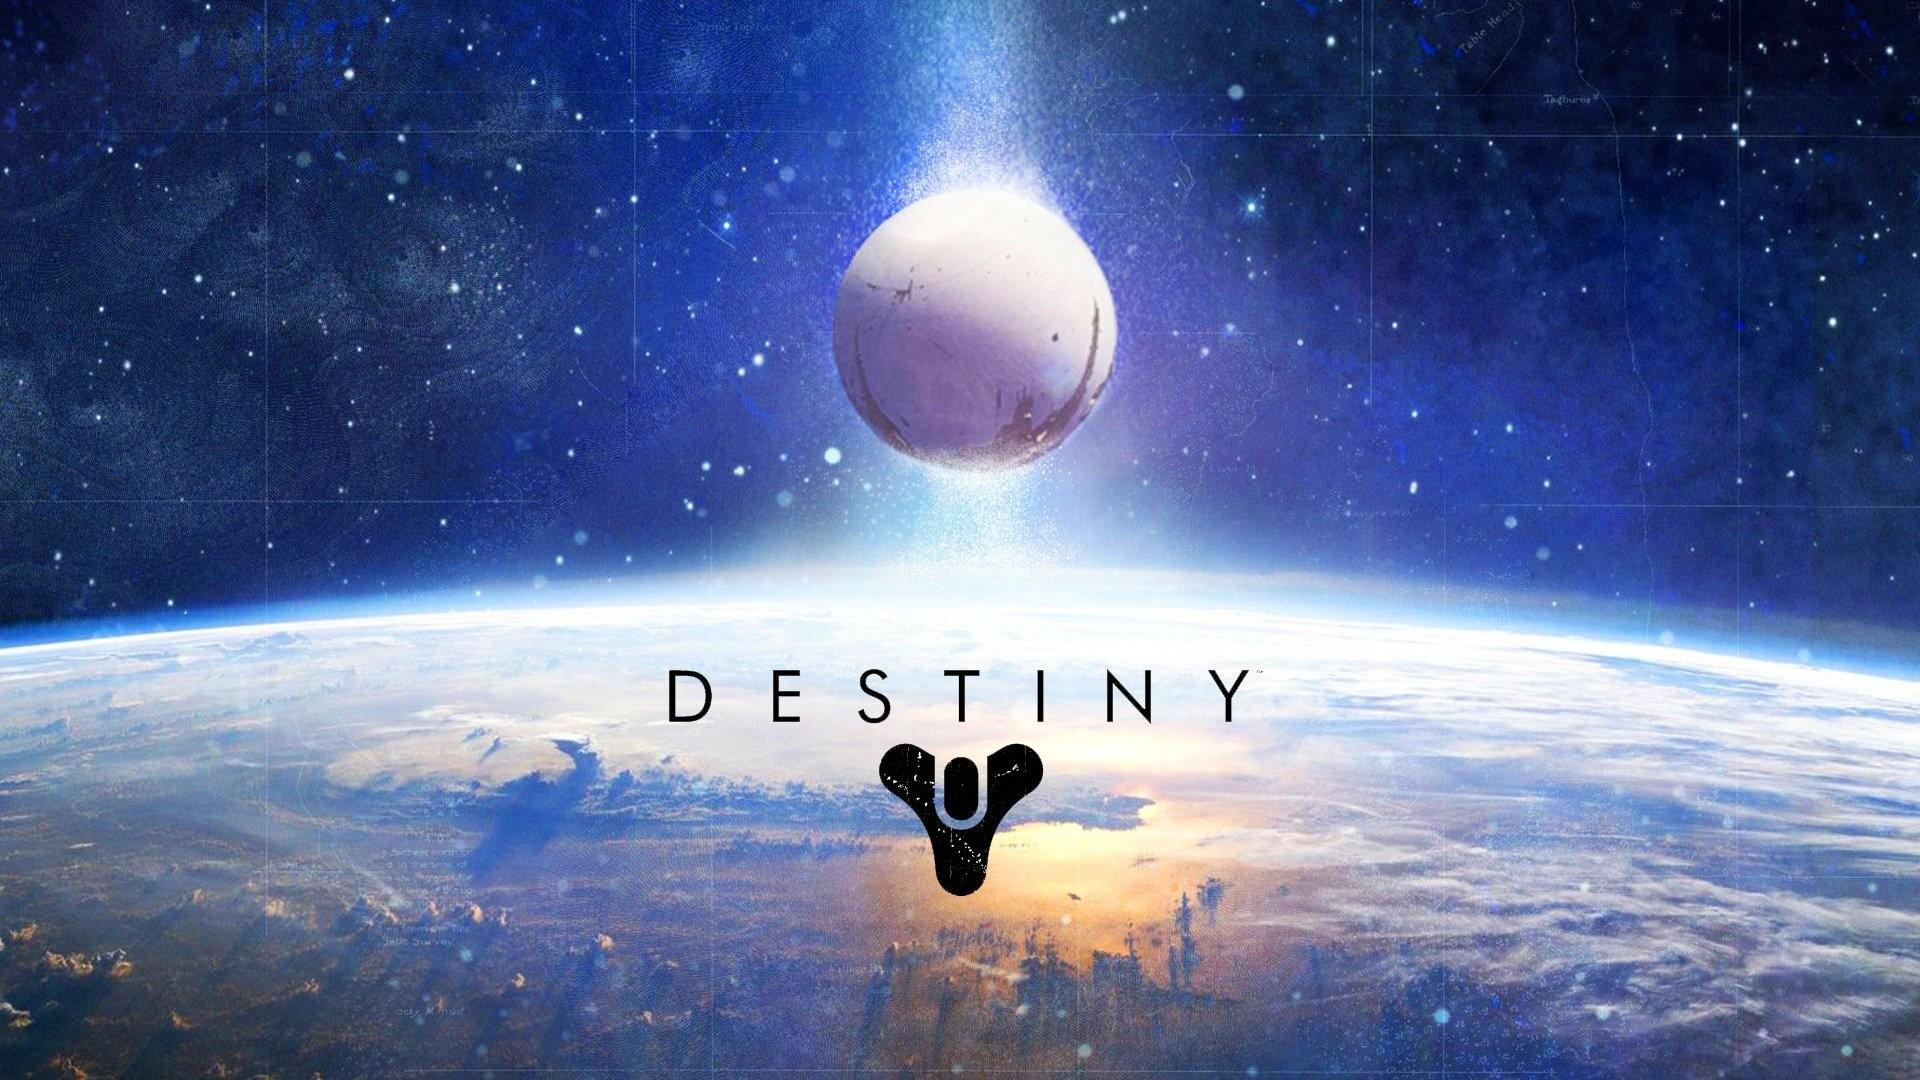 Destiny 2 1080p Wallpaper: Destiny Wallpaper 1080p (85+ Images